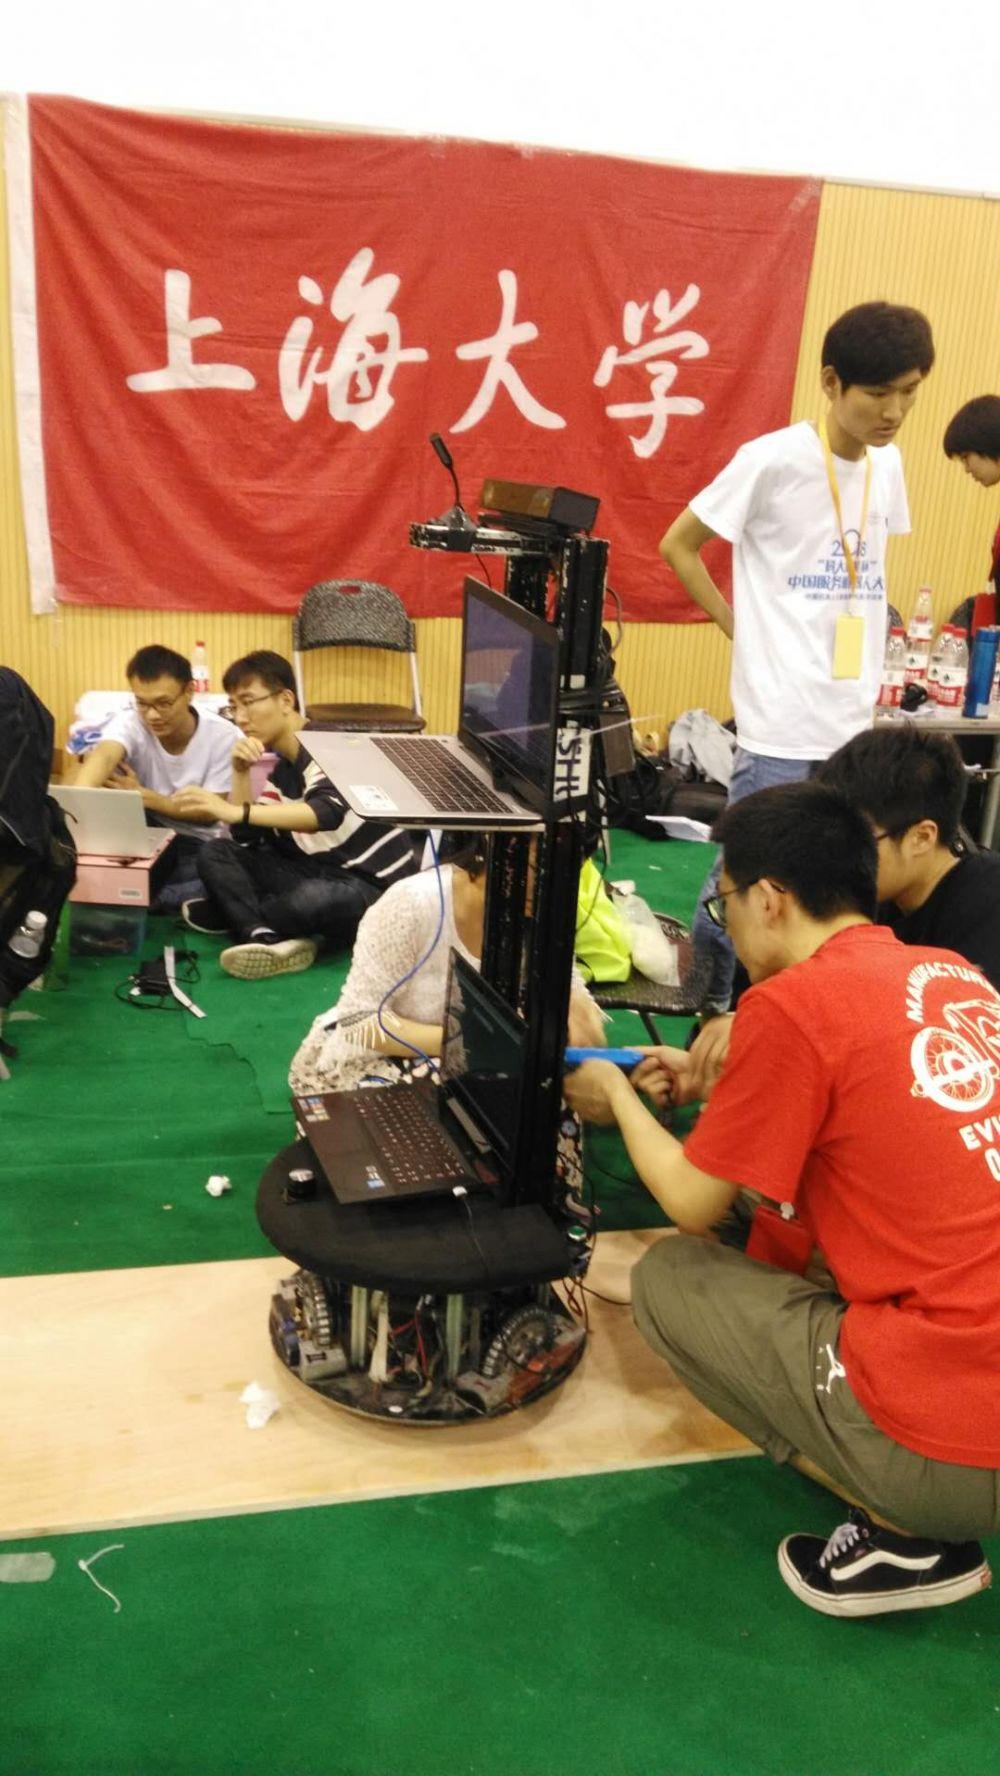 上海大学陈万米老师参赛队